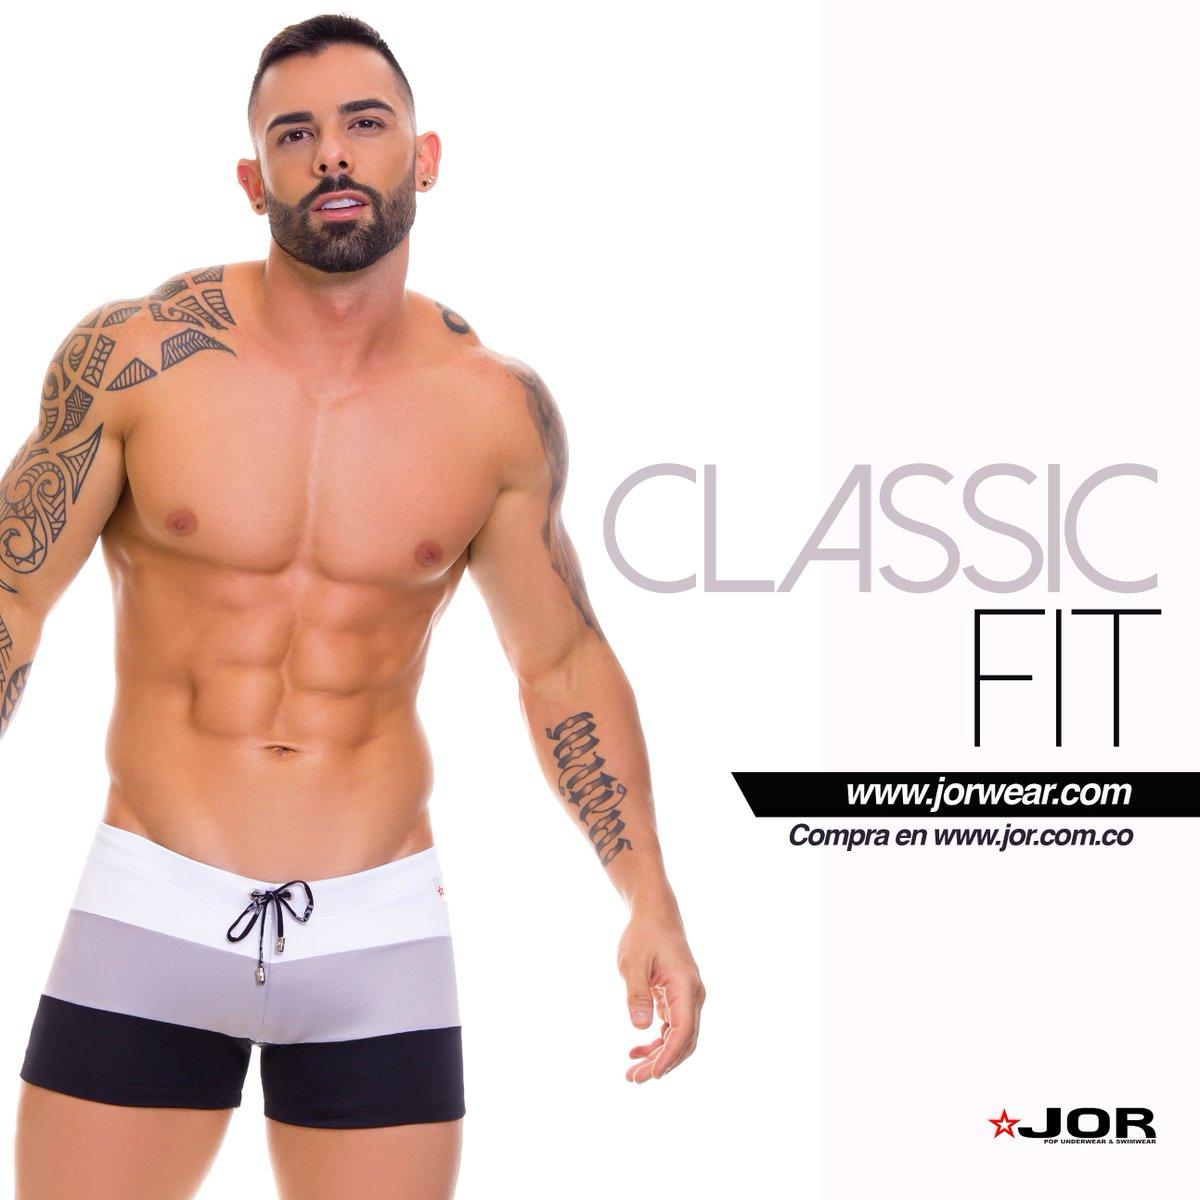 JOR_Underwear photo